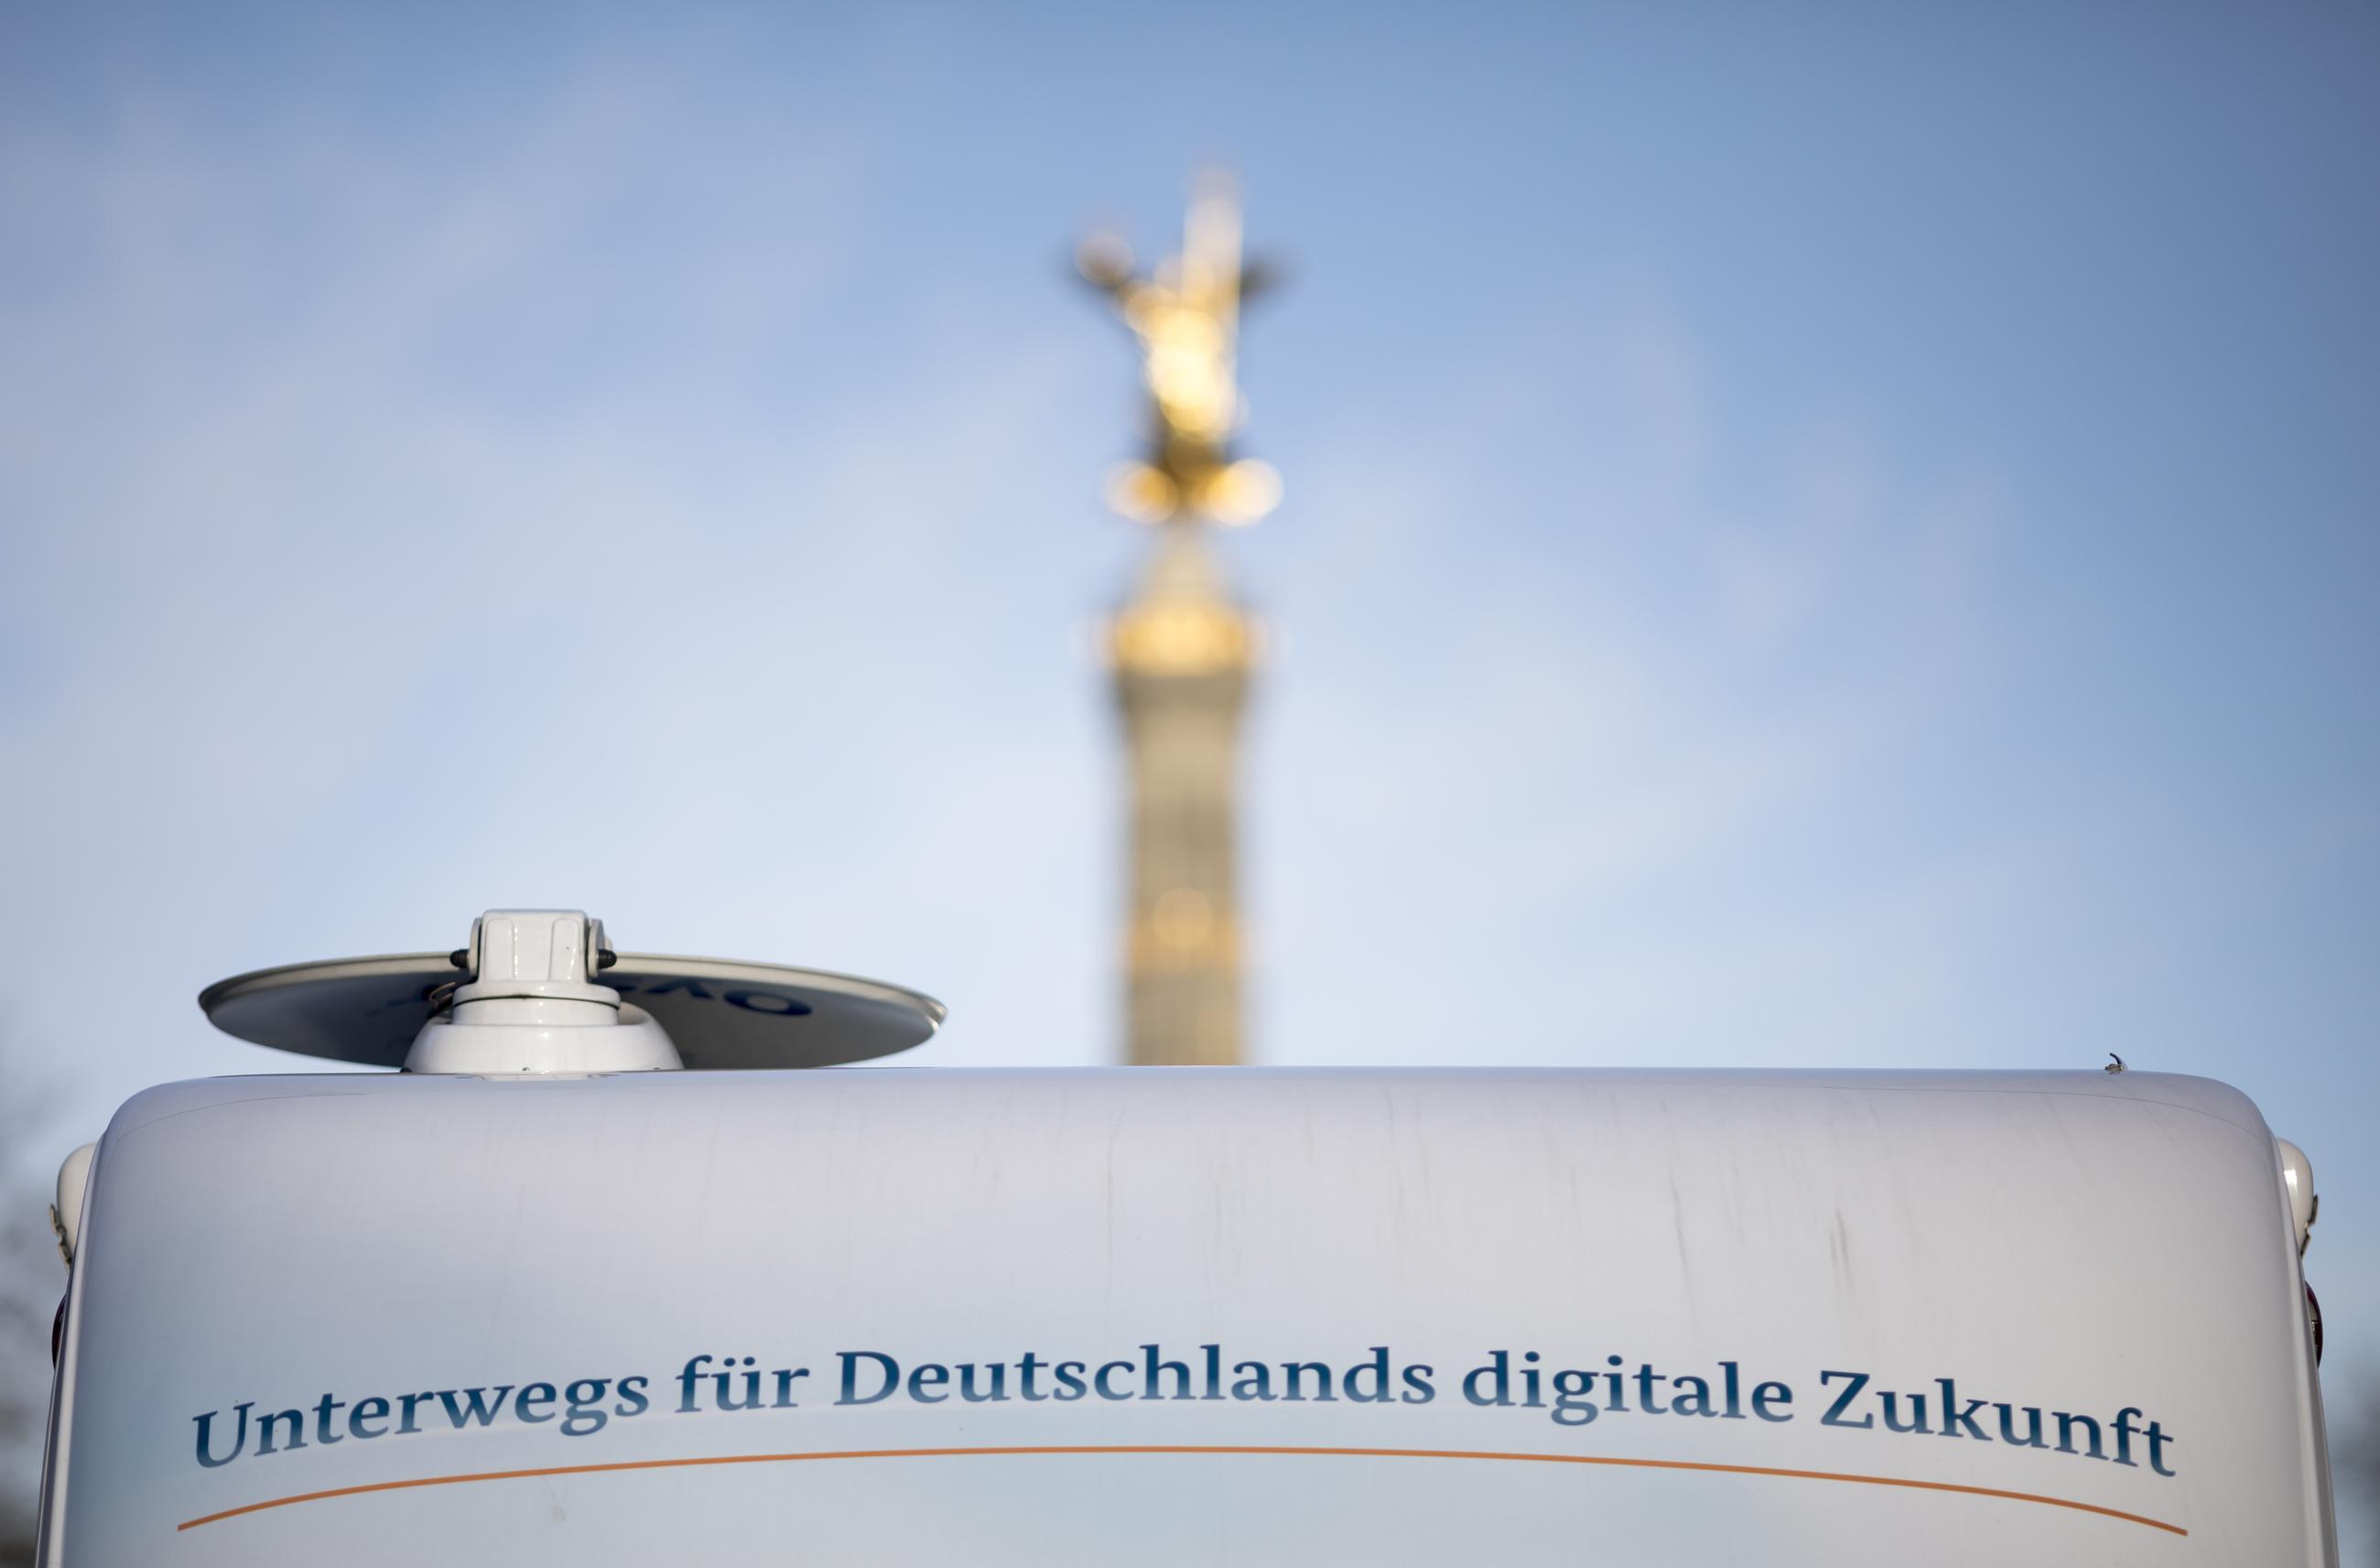 Unterwegs für Deutschlands digitale Zukunft in Berlin